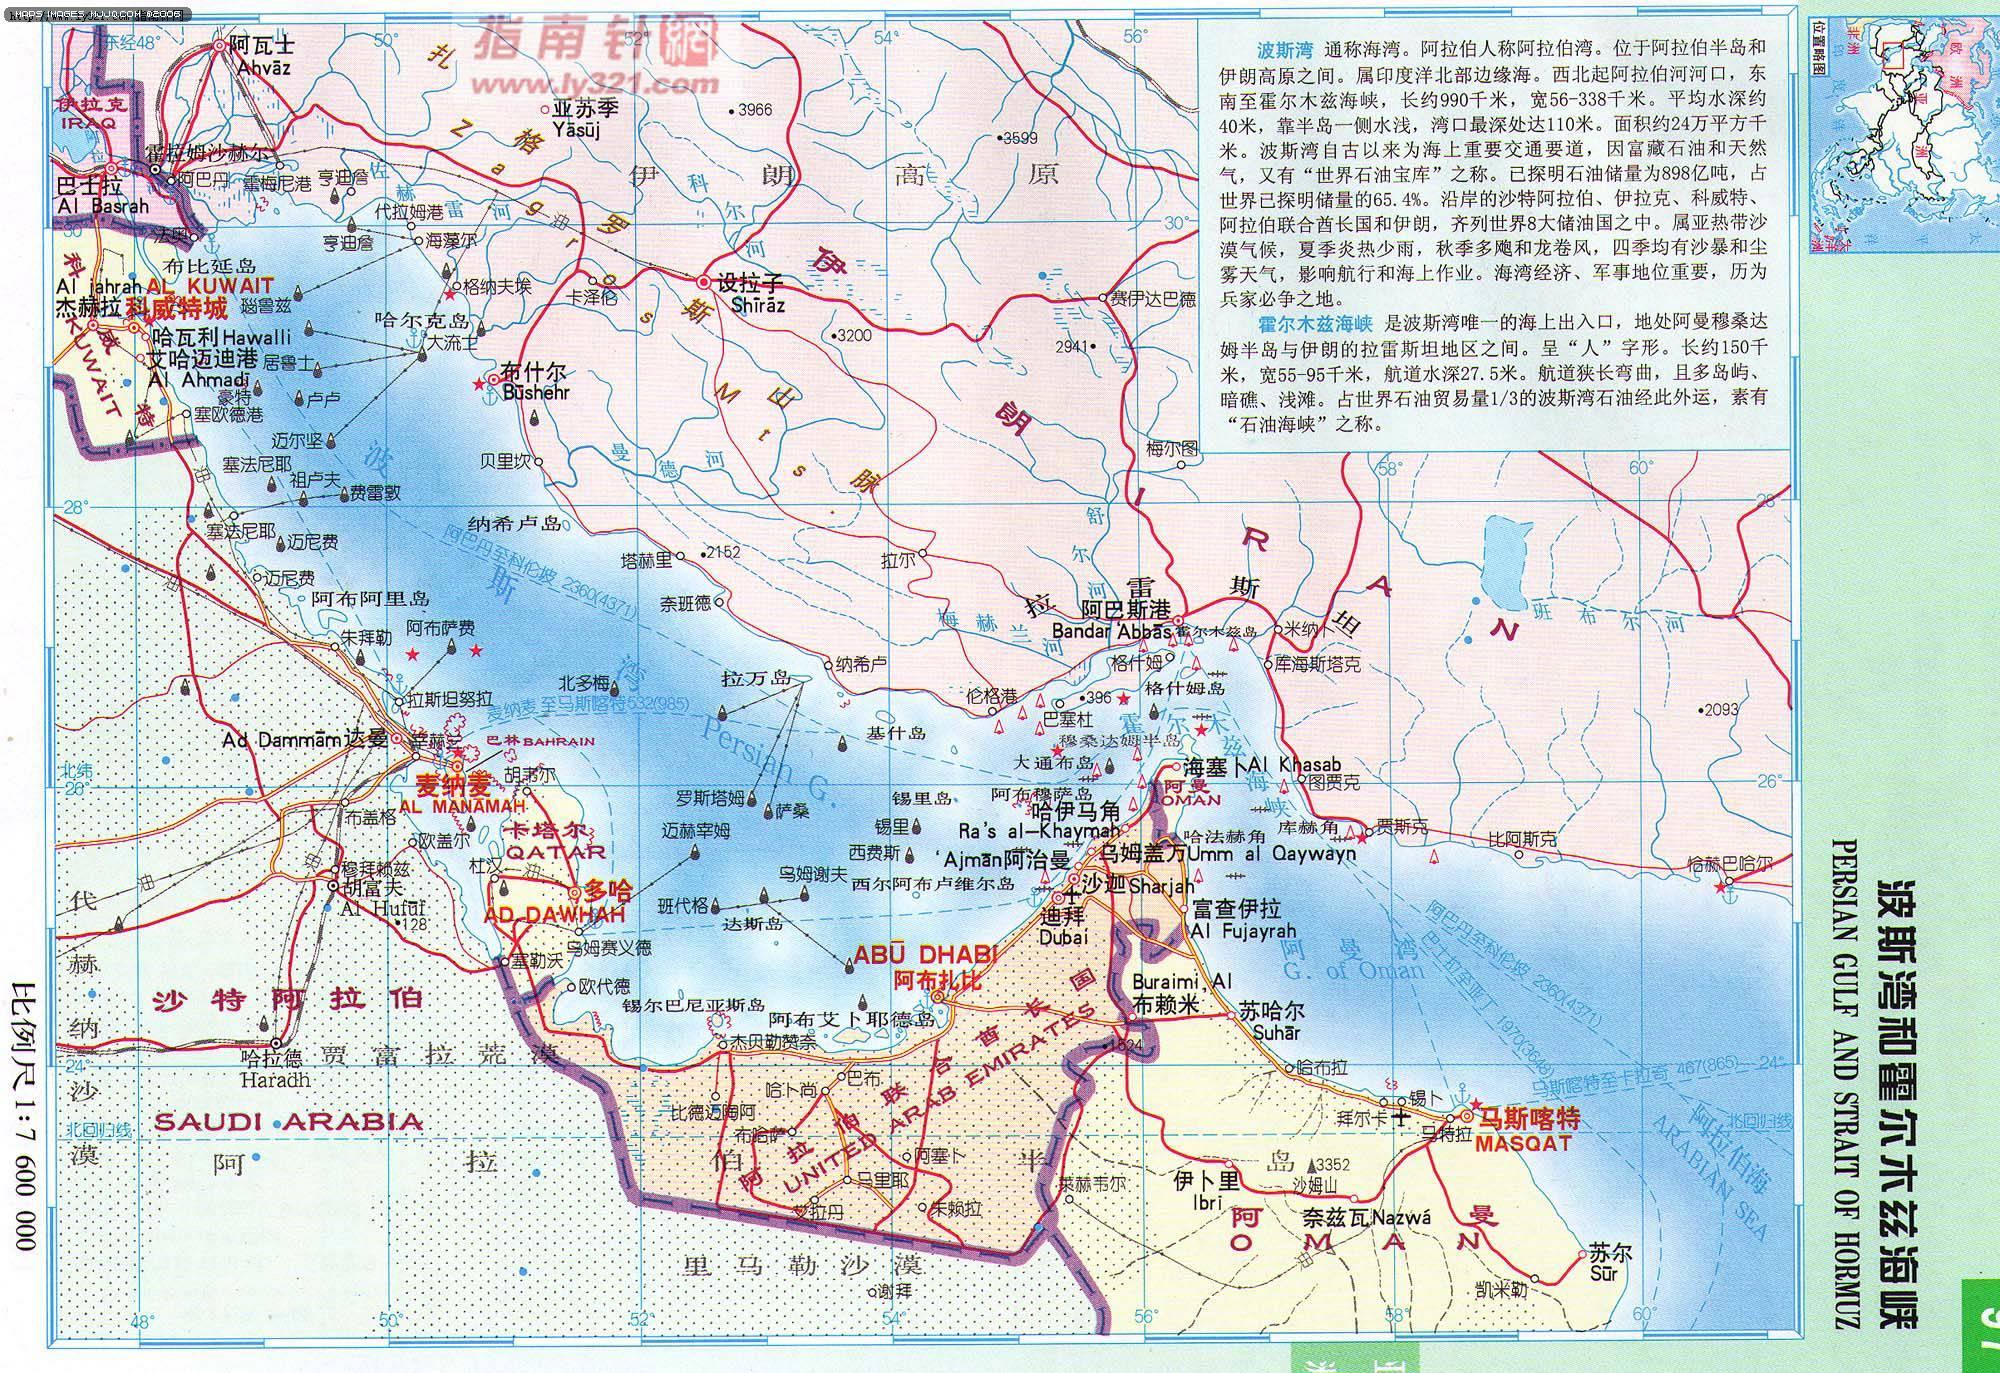 波斯湾地图_世界地图波斯湾